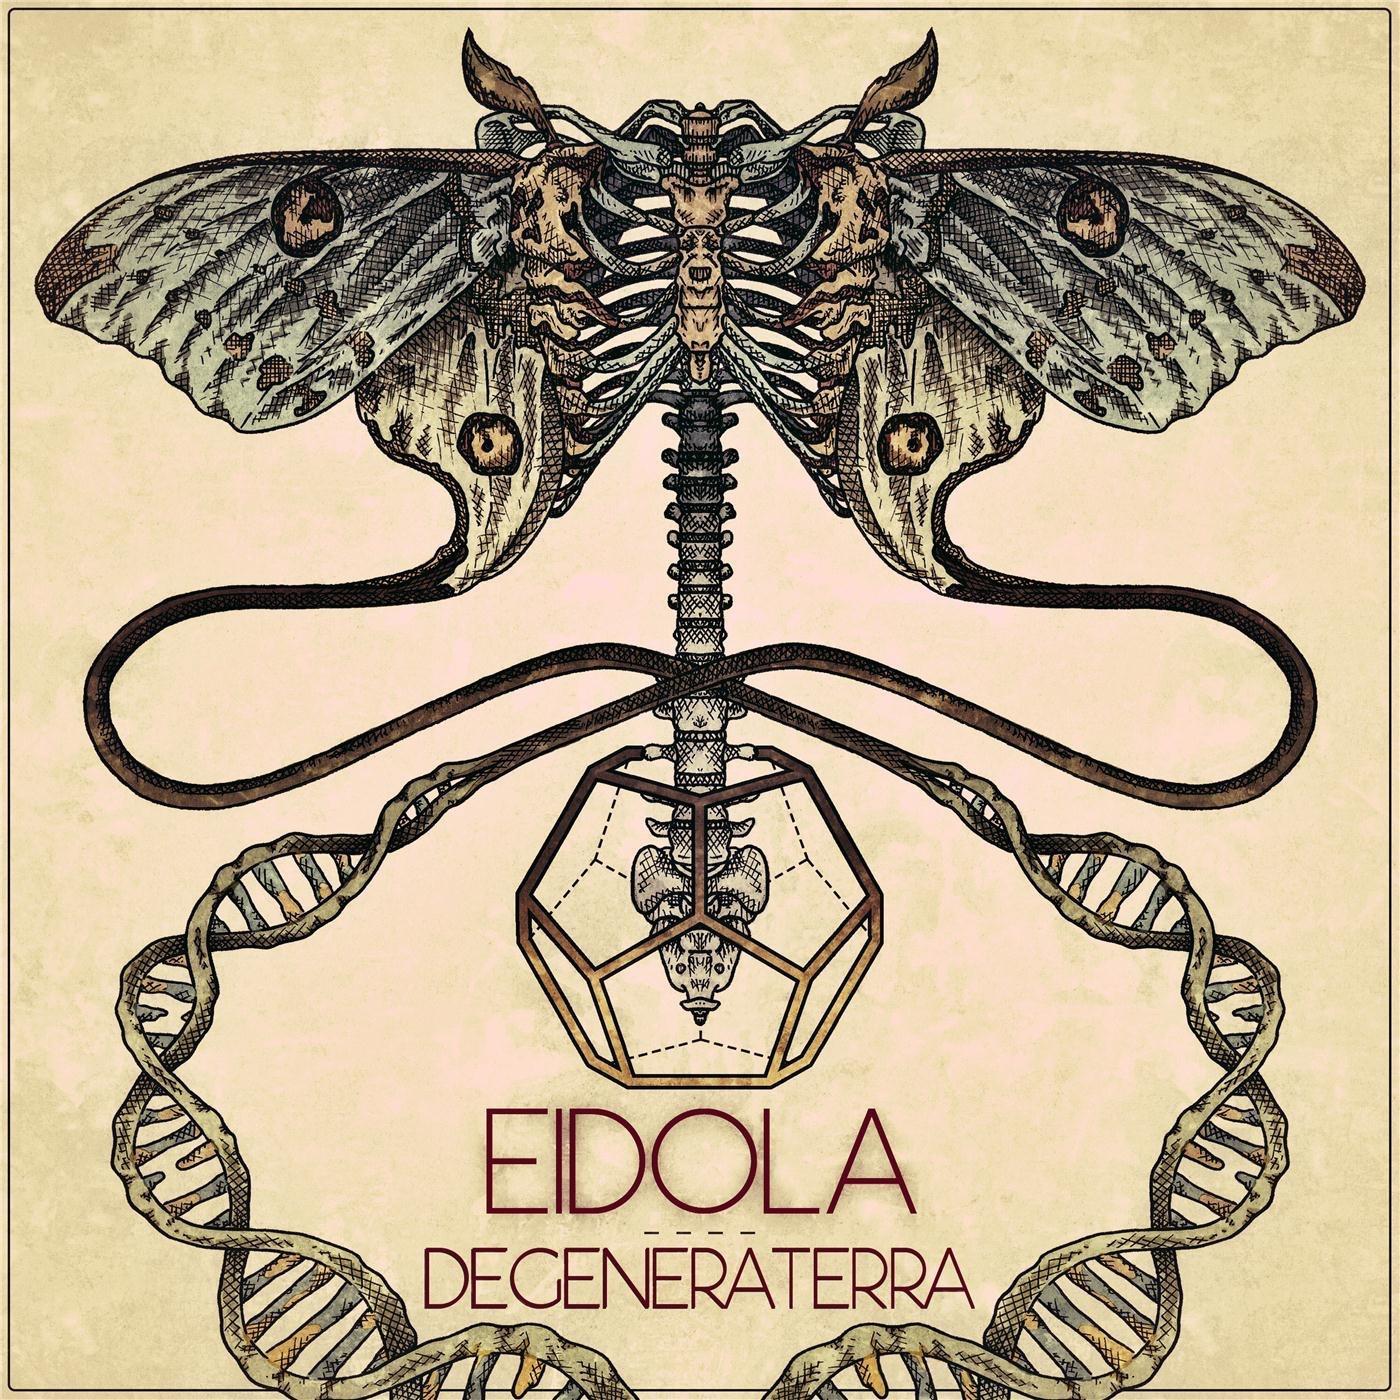 Eidola - Degeneraterra (2015)